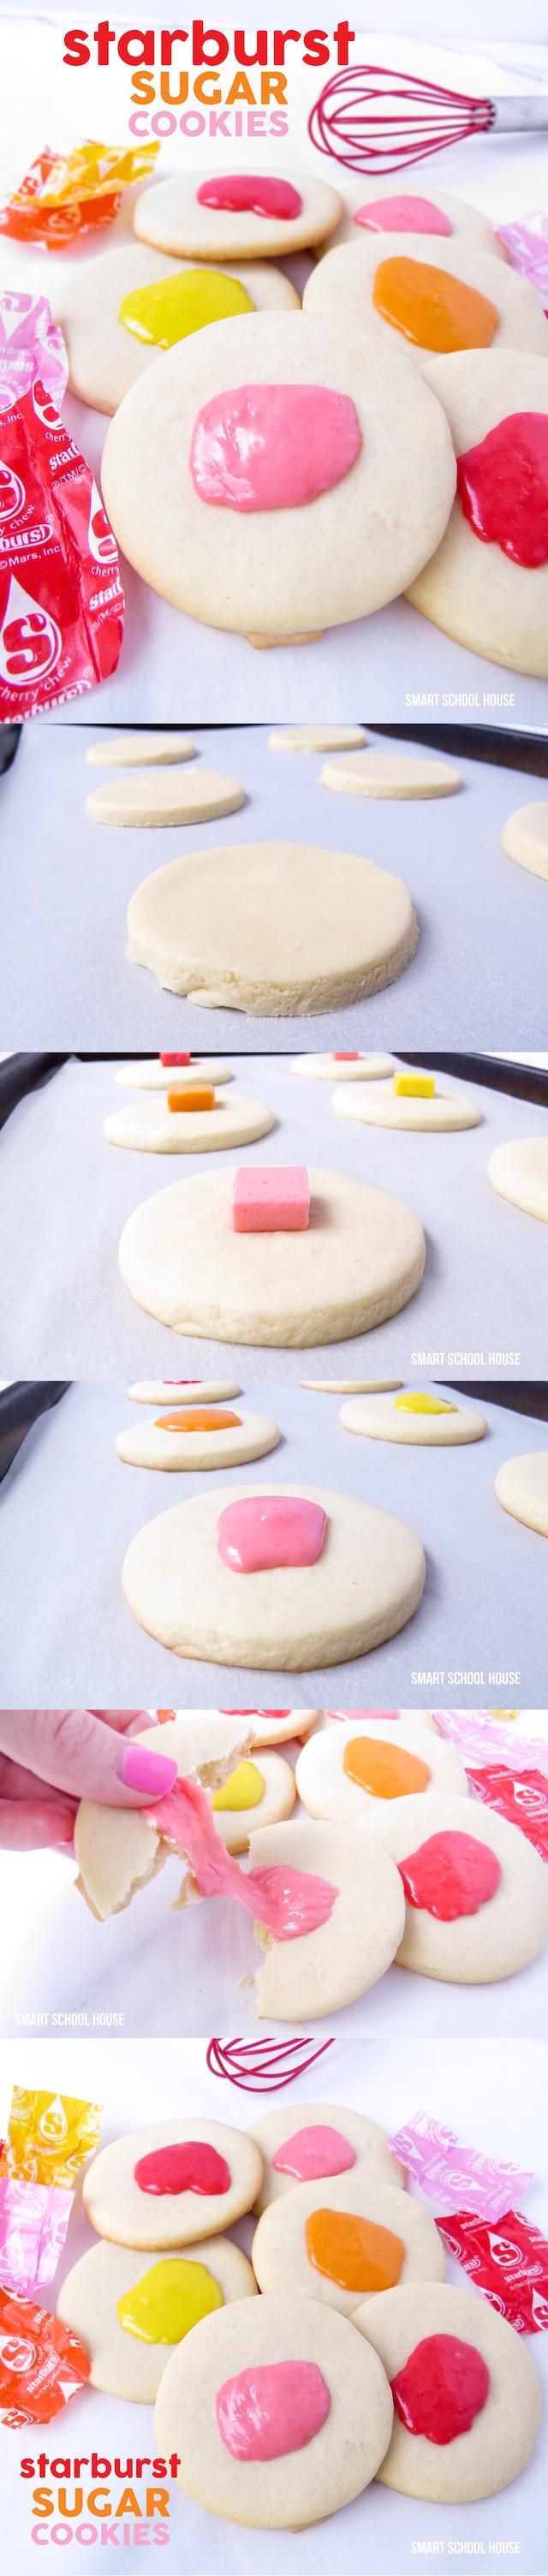 Starburst Sugar Cookies. Juicy Starbursts melted on top of irresistible and warm sugar cookies!